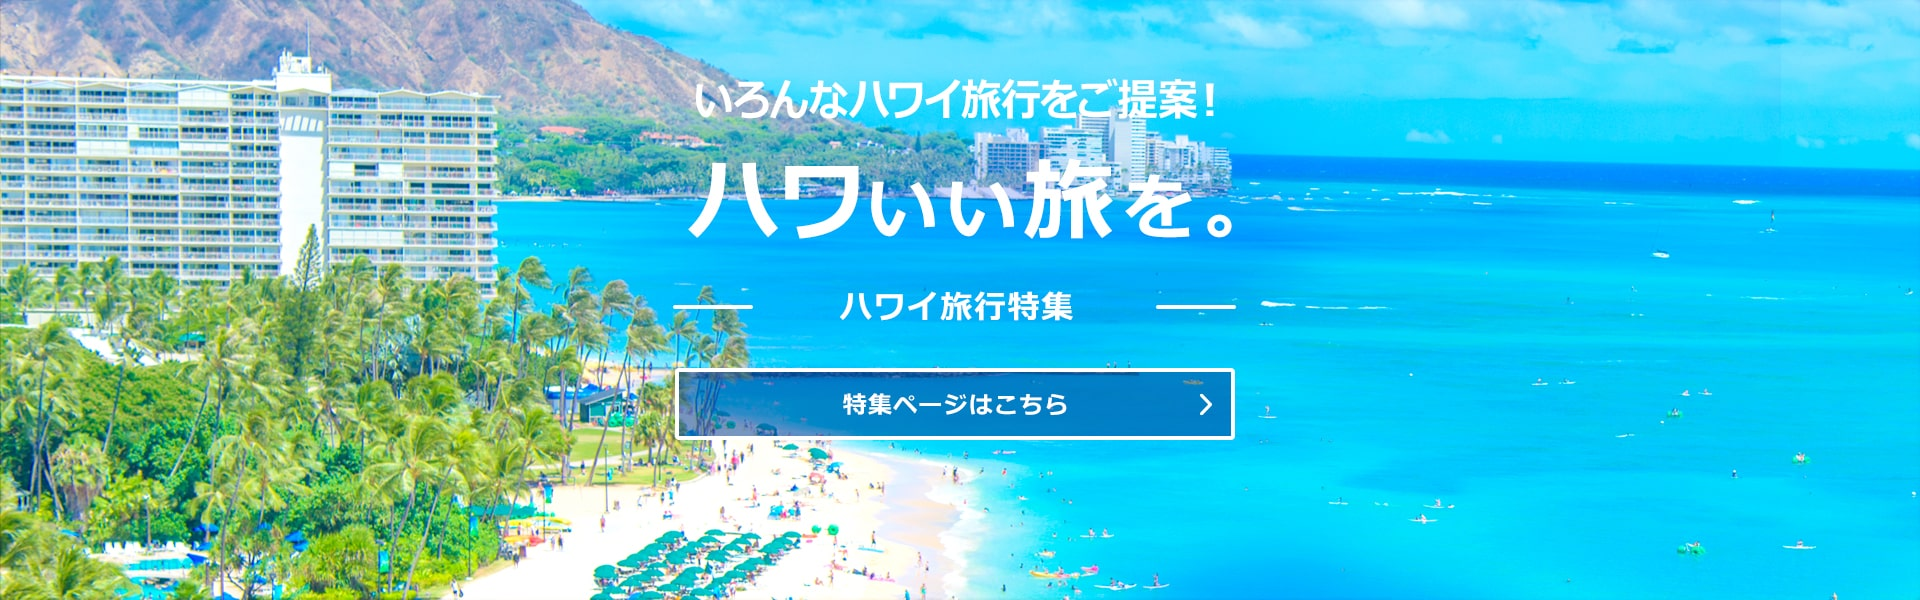 関西発ハワイ旅行 ハワいい旅を。